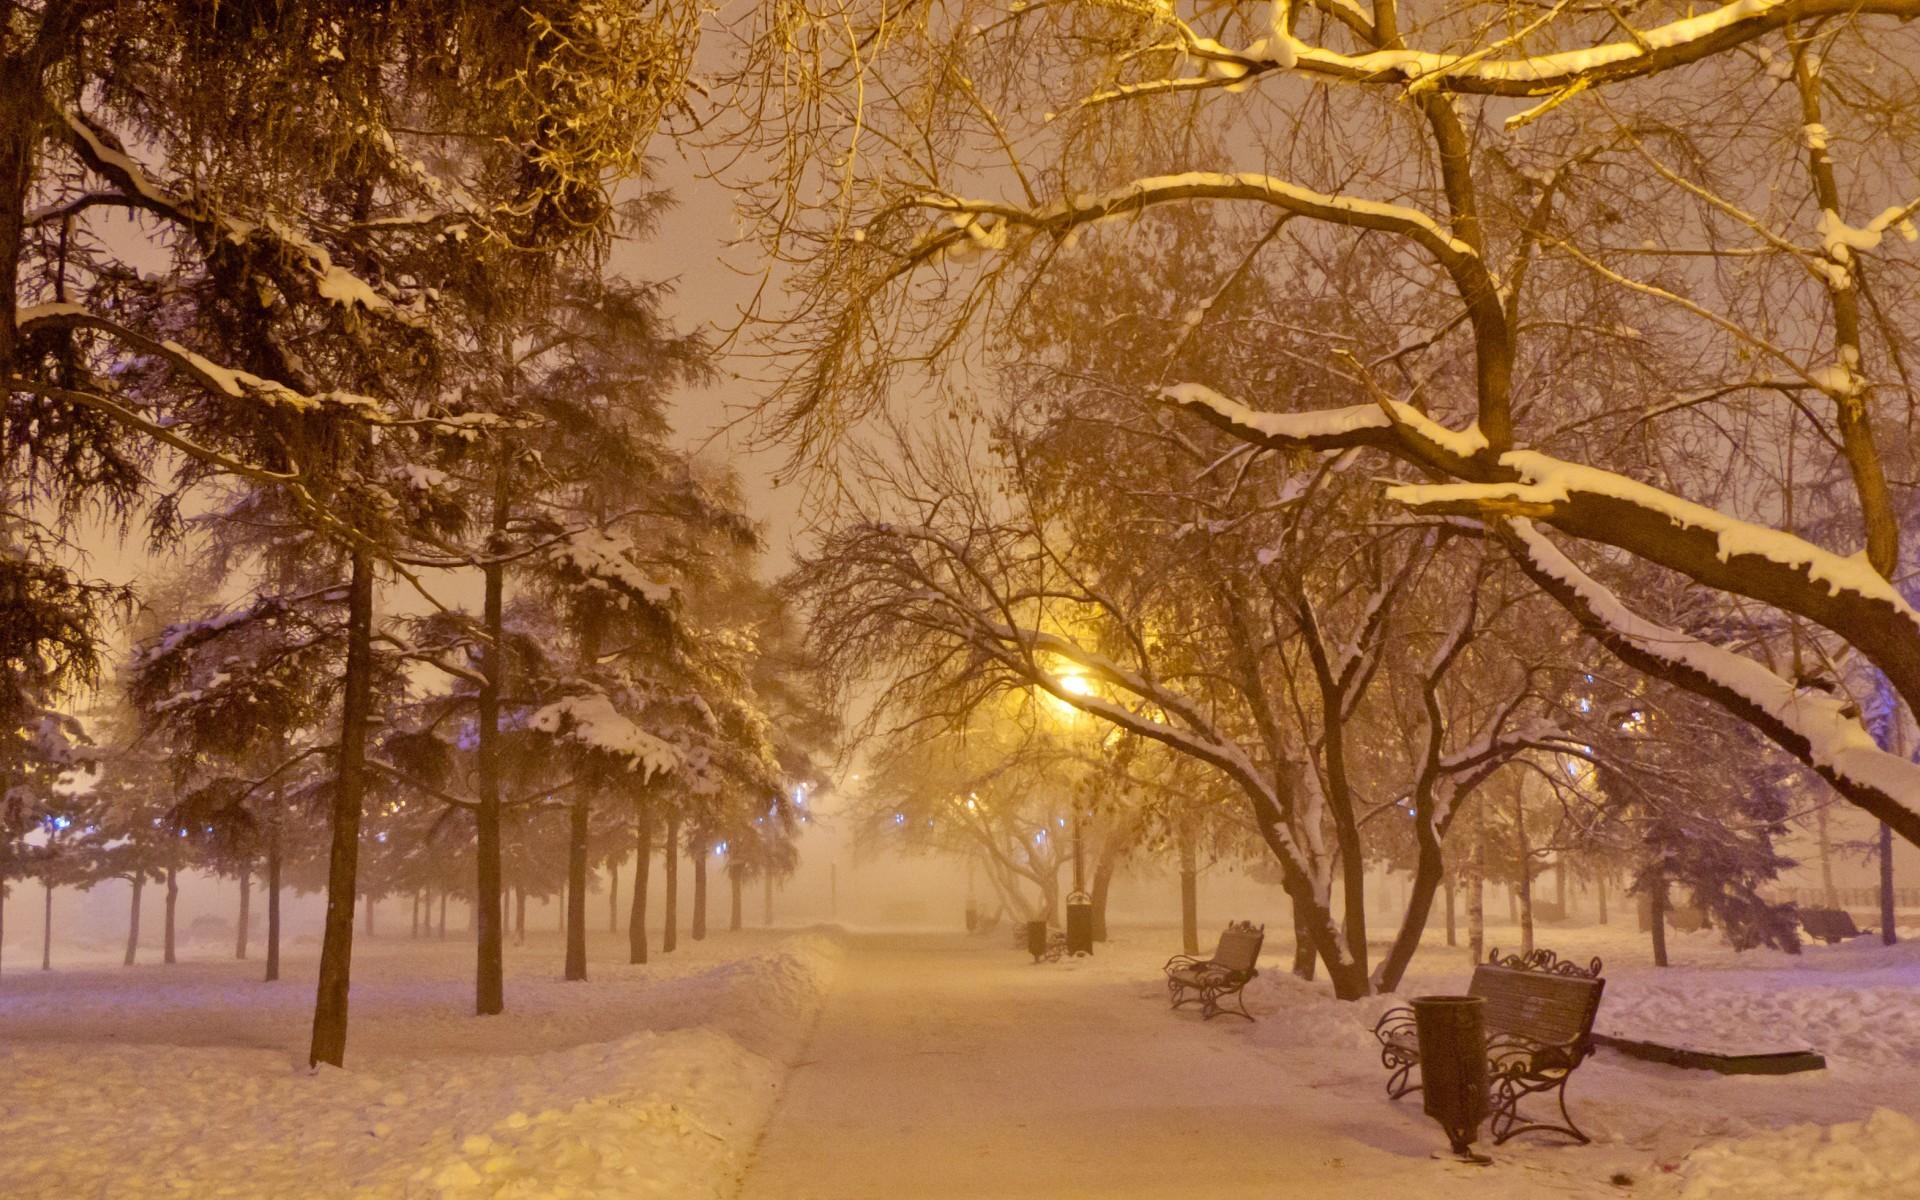 22026 завантажити шпалери Пейзаж, Зима, Дерева, Дороги, Сніг - заставки і картинки безкоштовно